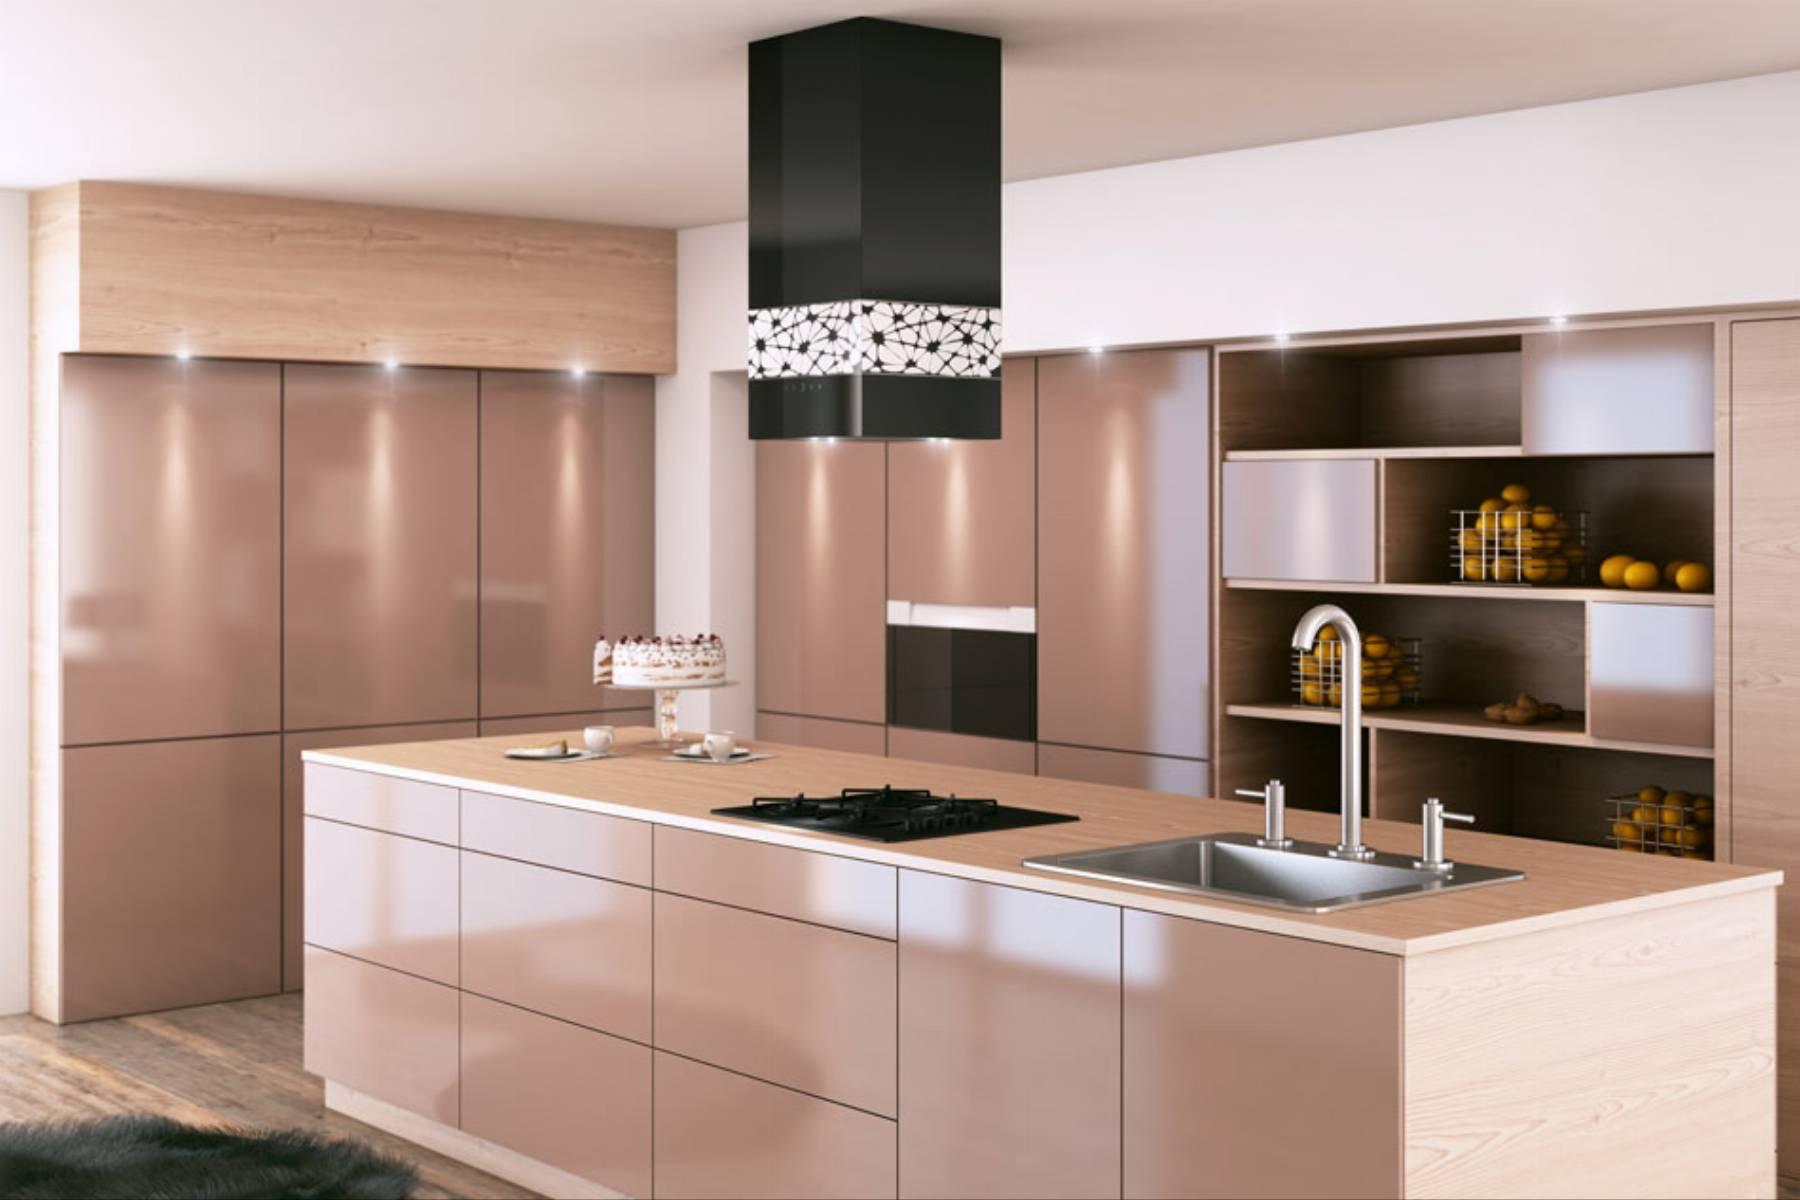 Pomysł na urządzenie kuchni wyspa  KobietaMag pl -> Kuchnia Z Wyspa Okap